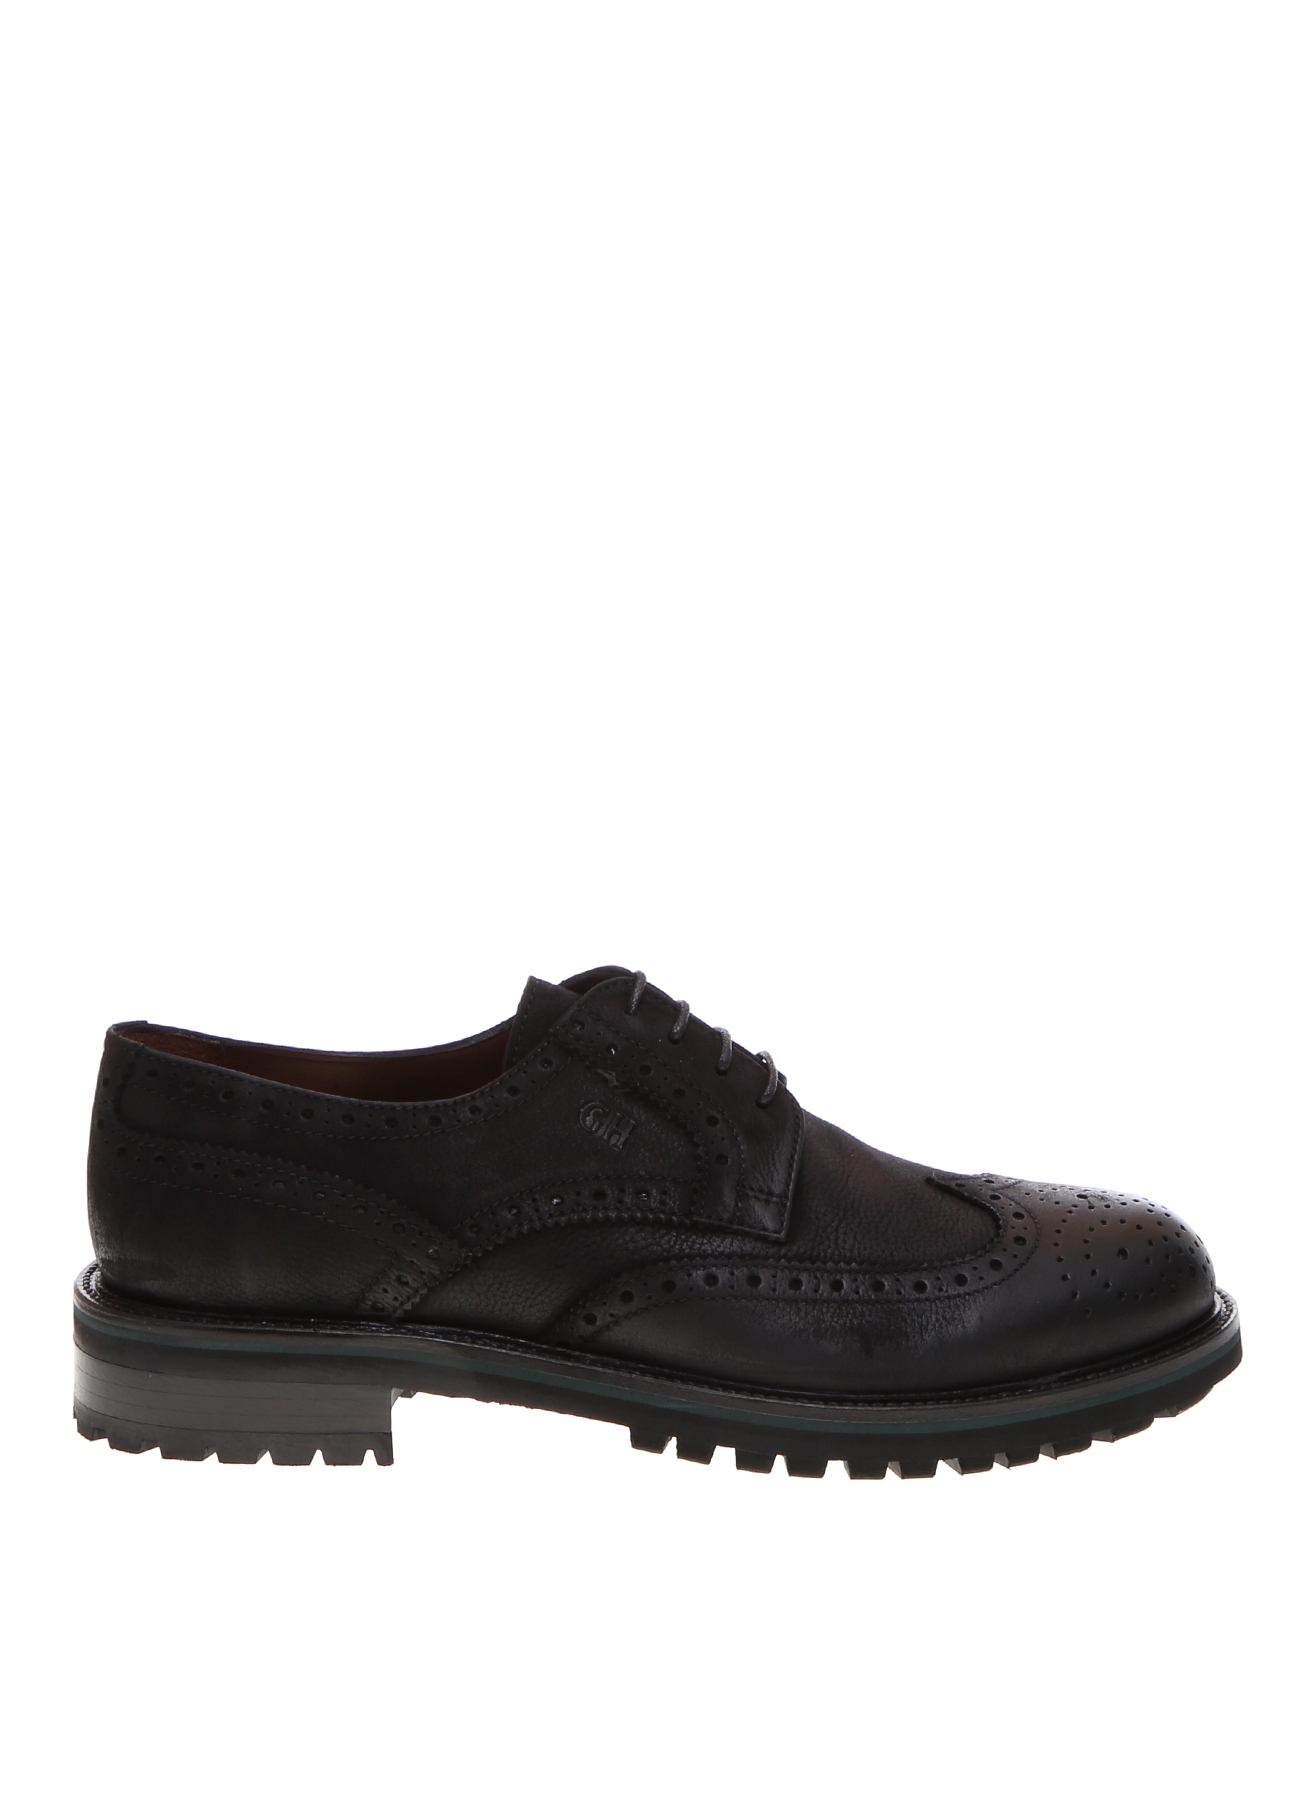 George Hogg Siyah Klasik Ayakkabı 43 5001908434004 Ürün Resmi